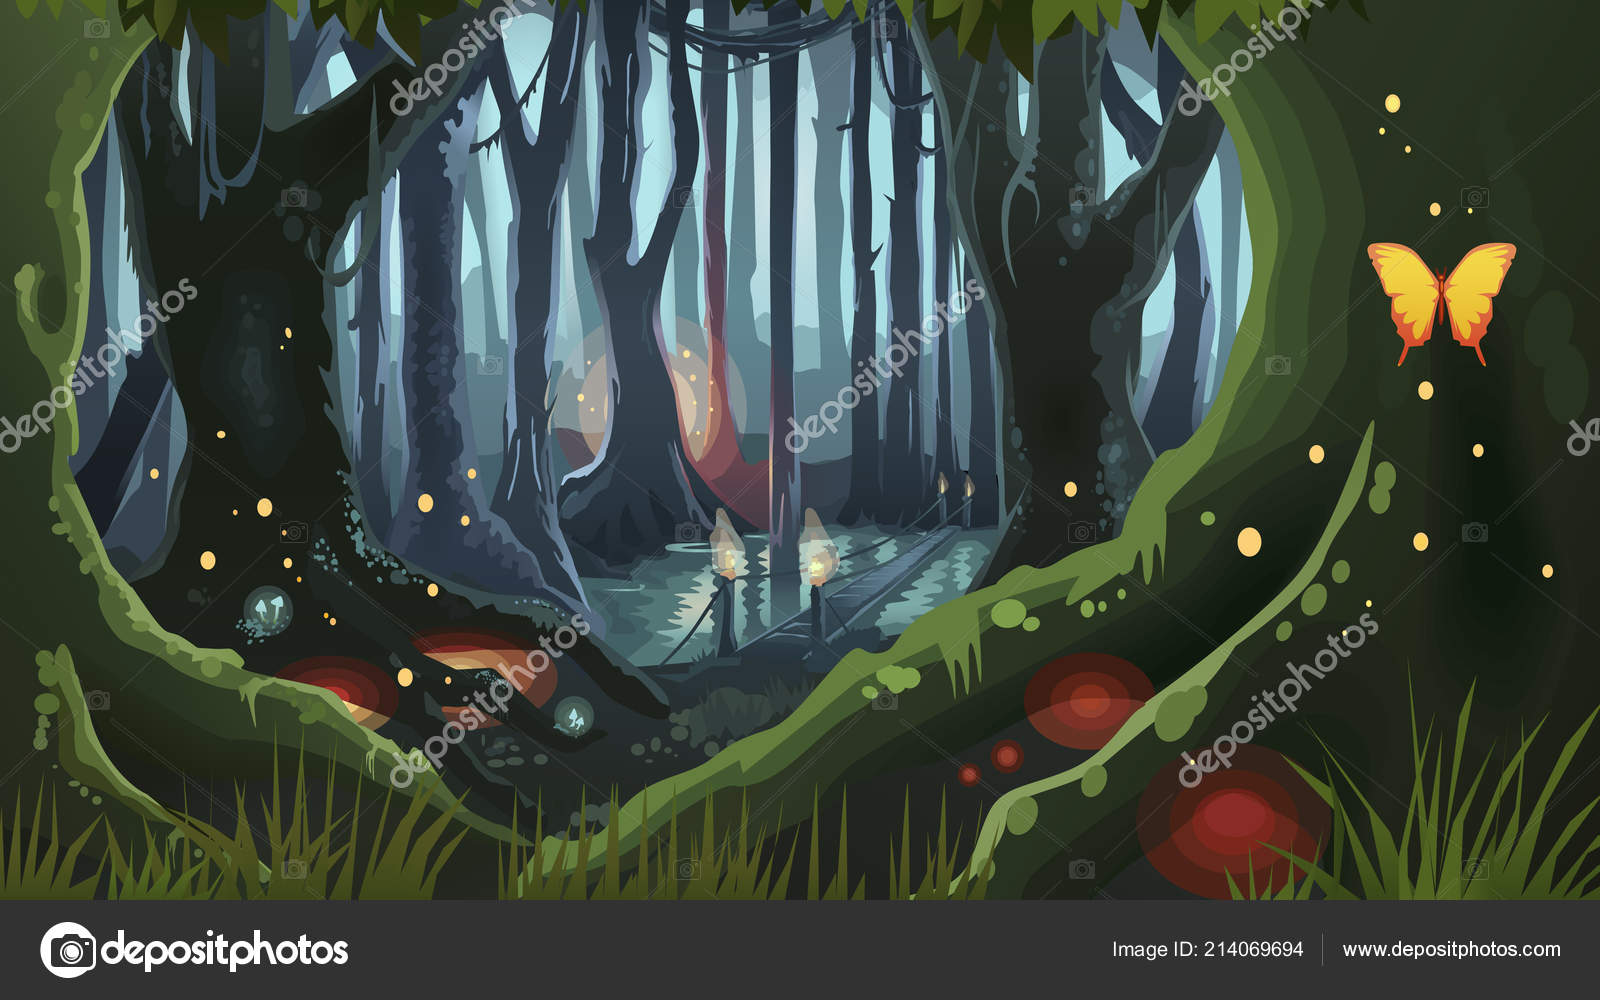 Magic Tree Fantasy Art